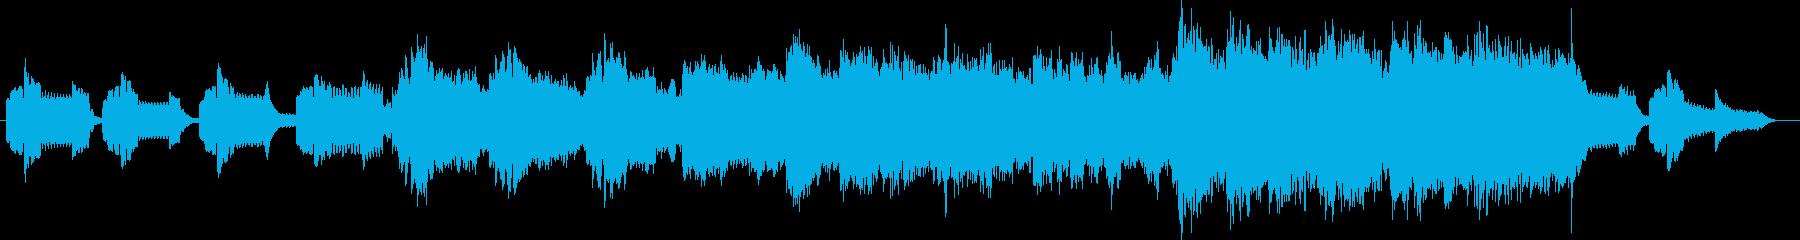 優しい音色のゆったりしたバラードの再生済みの波形